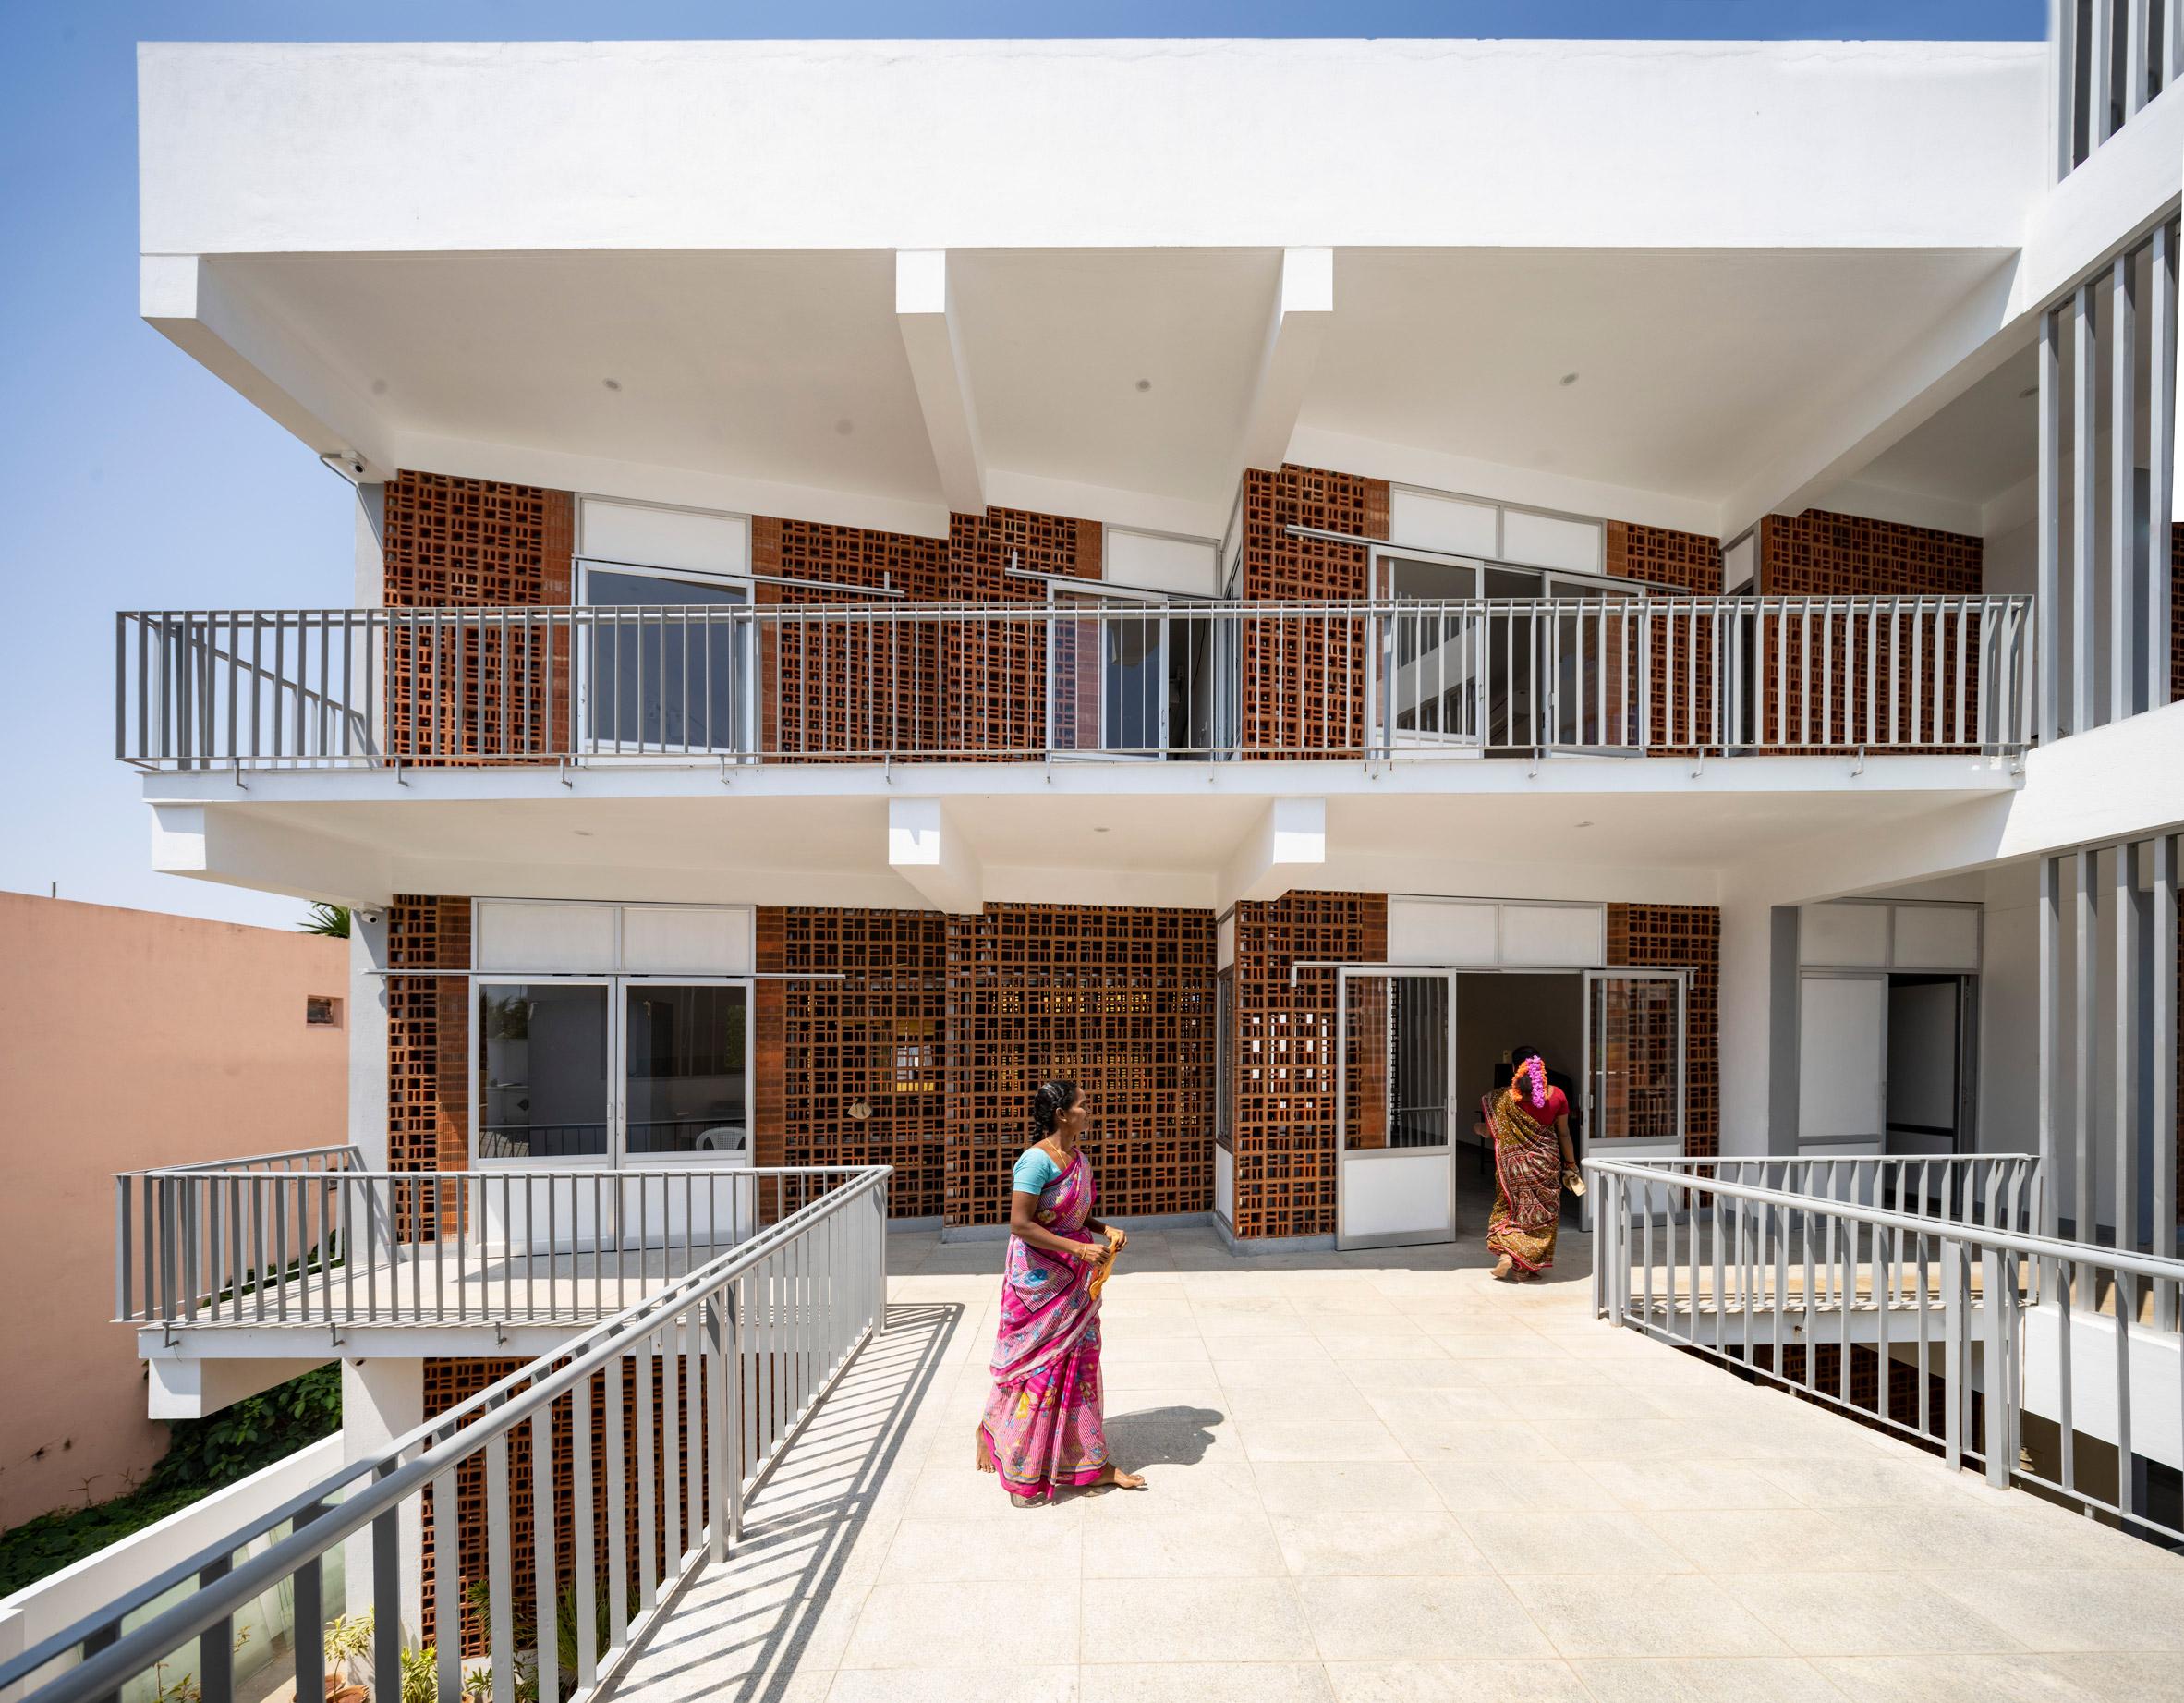 Anupama Kundoo architecture: Sharana Daycare Facility, 2019